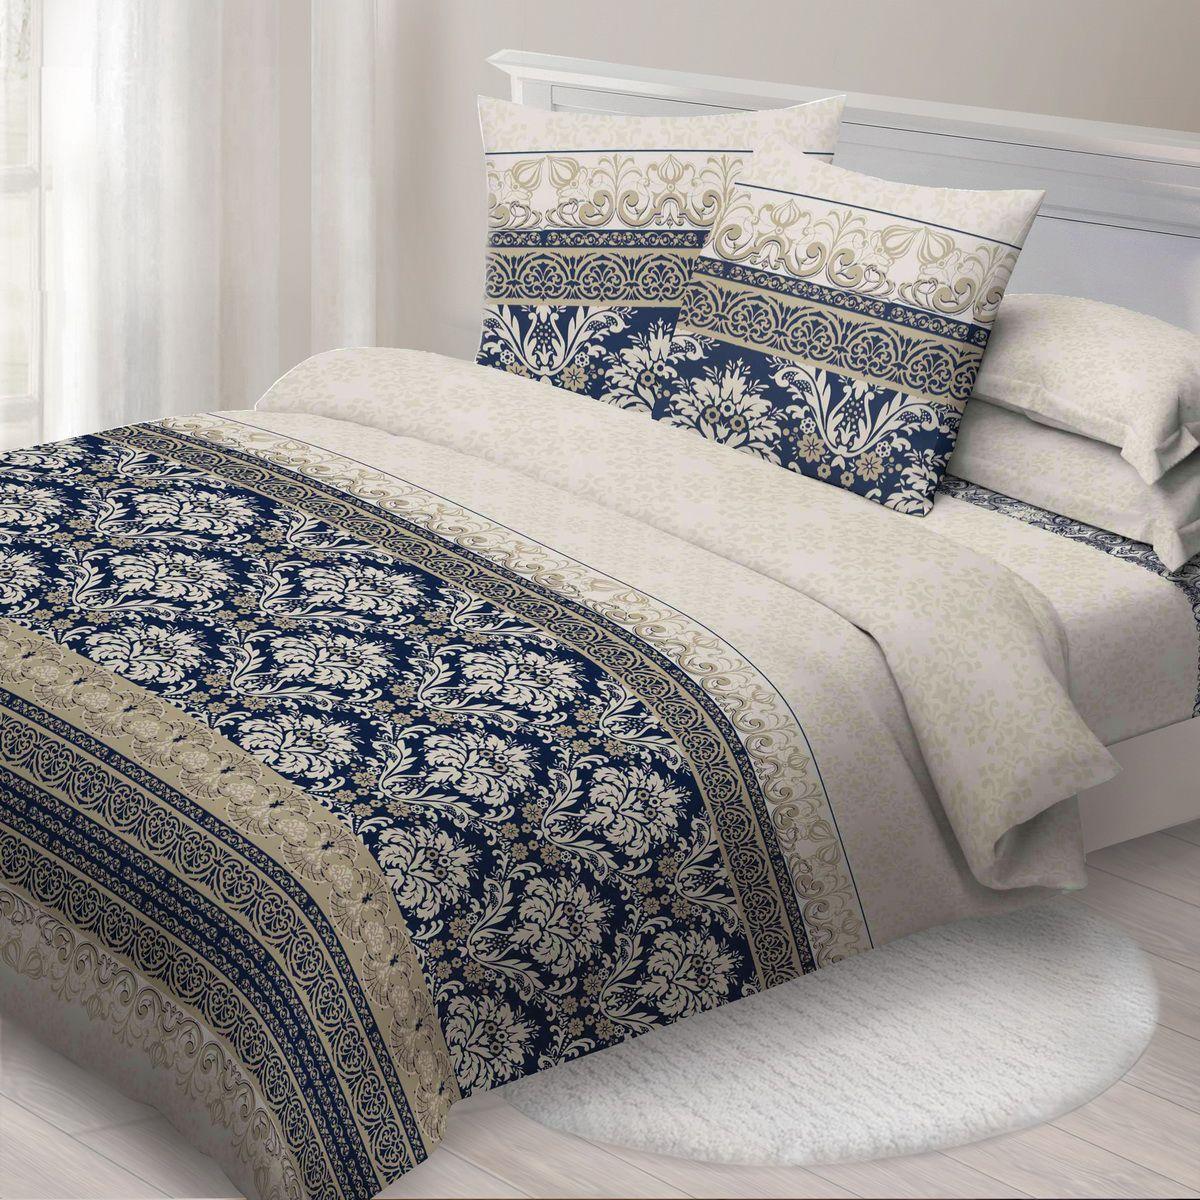 Комплект белья Спал Спалыч Гран При, 1,5-спальное, наволочки 70x70, цвет: синий81997Спал Спалыч - недорогое, но качественное постельное белье из белорусской бязи. Актуальные дизайны, авторская упаковка в сочетании с качественными материалами и приемлемой ценой - залог успеха Спал Спалыча!В ассортименте широкая линейка домашнего текстиля для всей семьи - современные дизайны современному покупателю! Ткань обработана по технологии PERFECT WAY - благодаря чему, она становится более гладкой и шелковистой.• Бязь Барановичи 100% хлопок• Плотность ткани - 125 гр/кв.м.